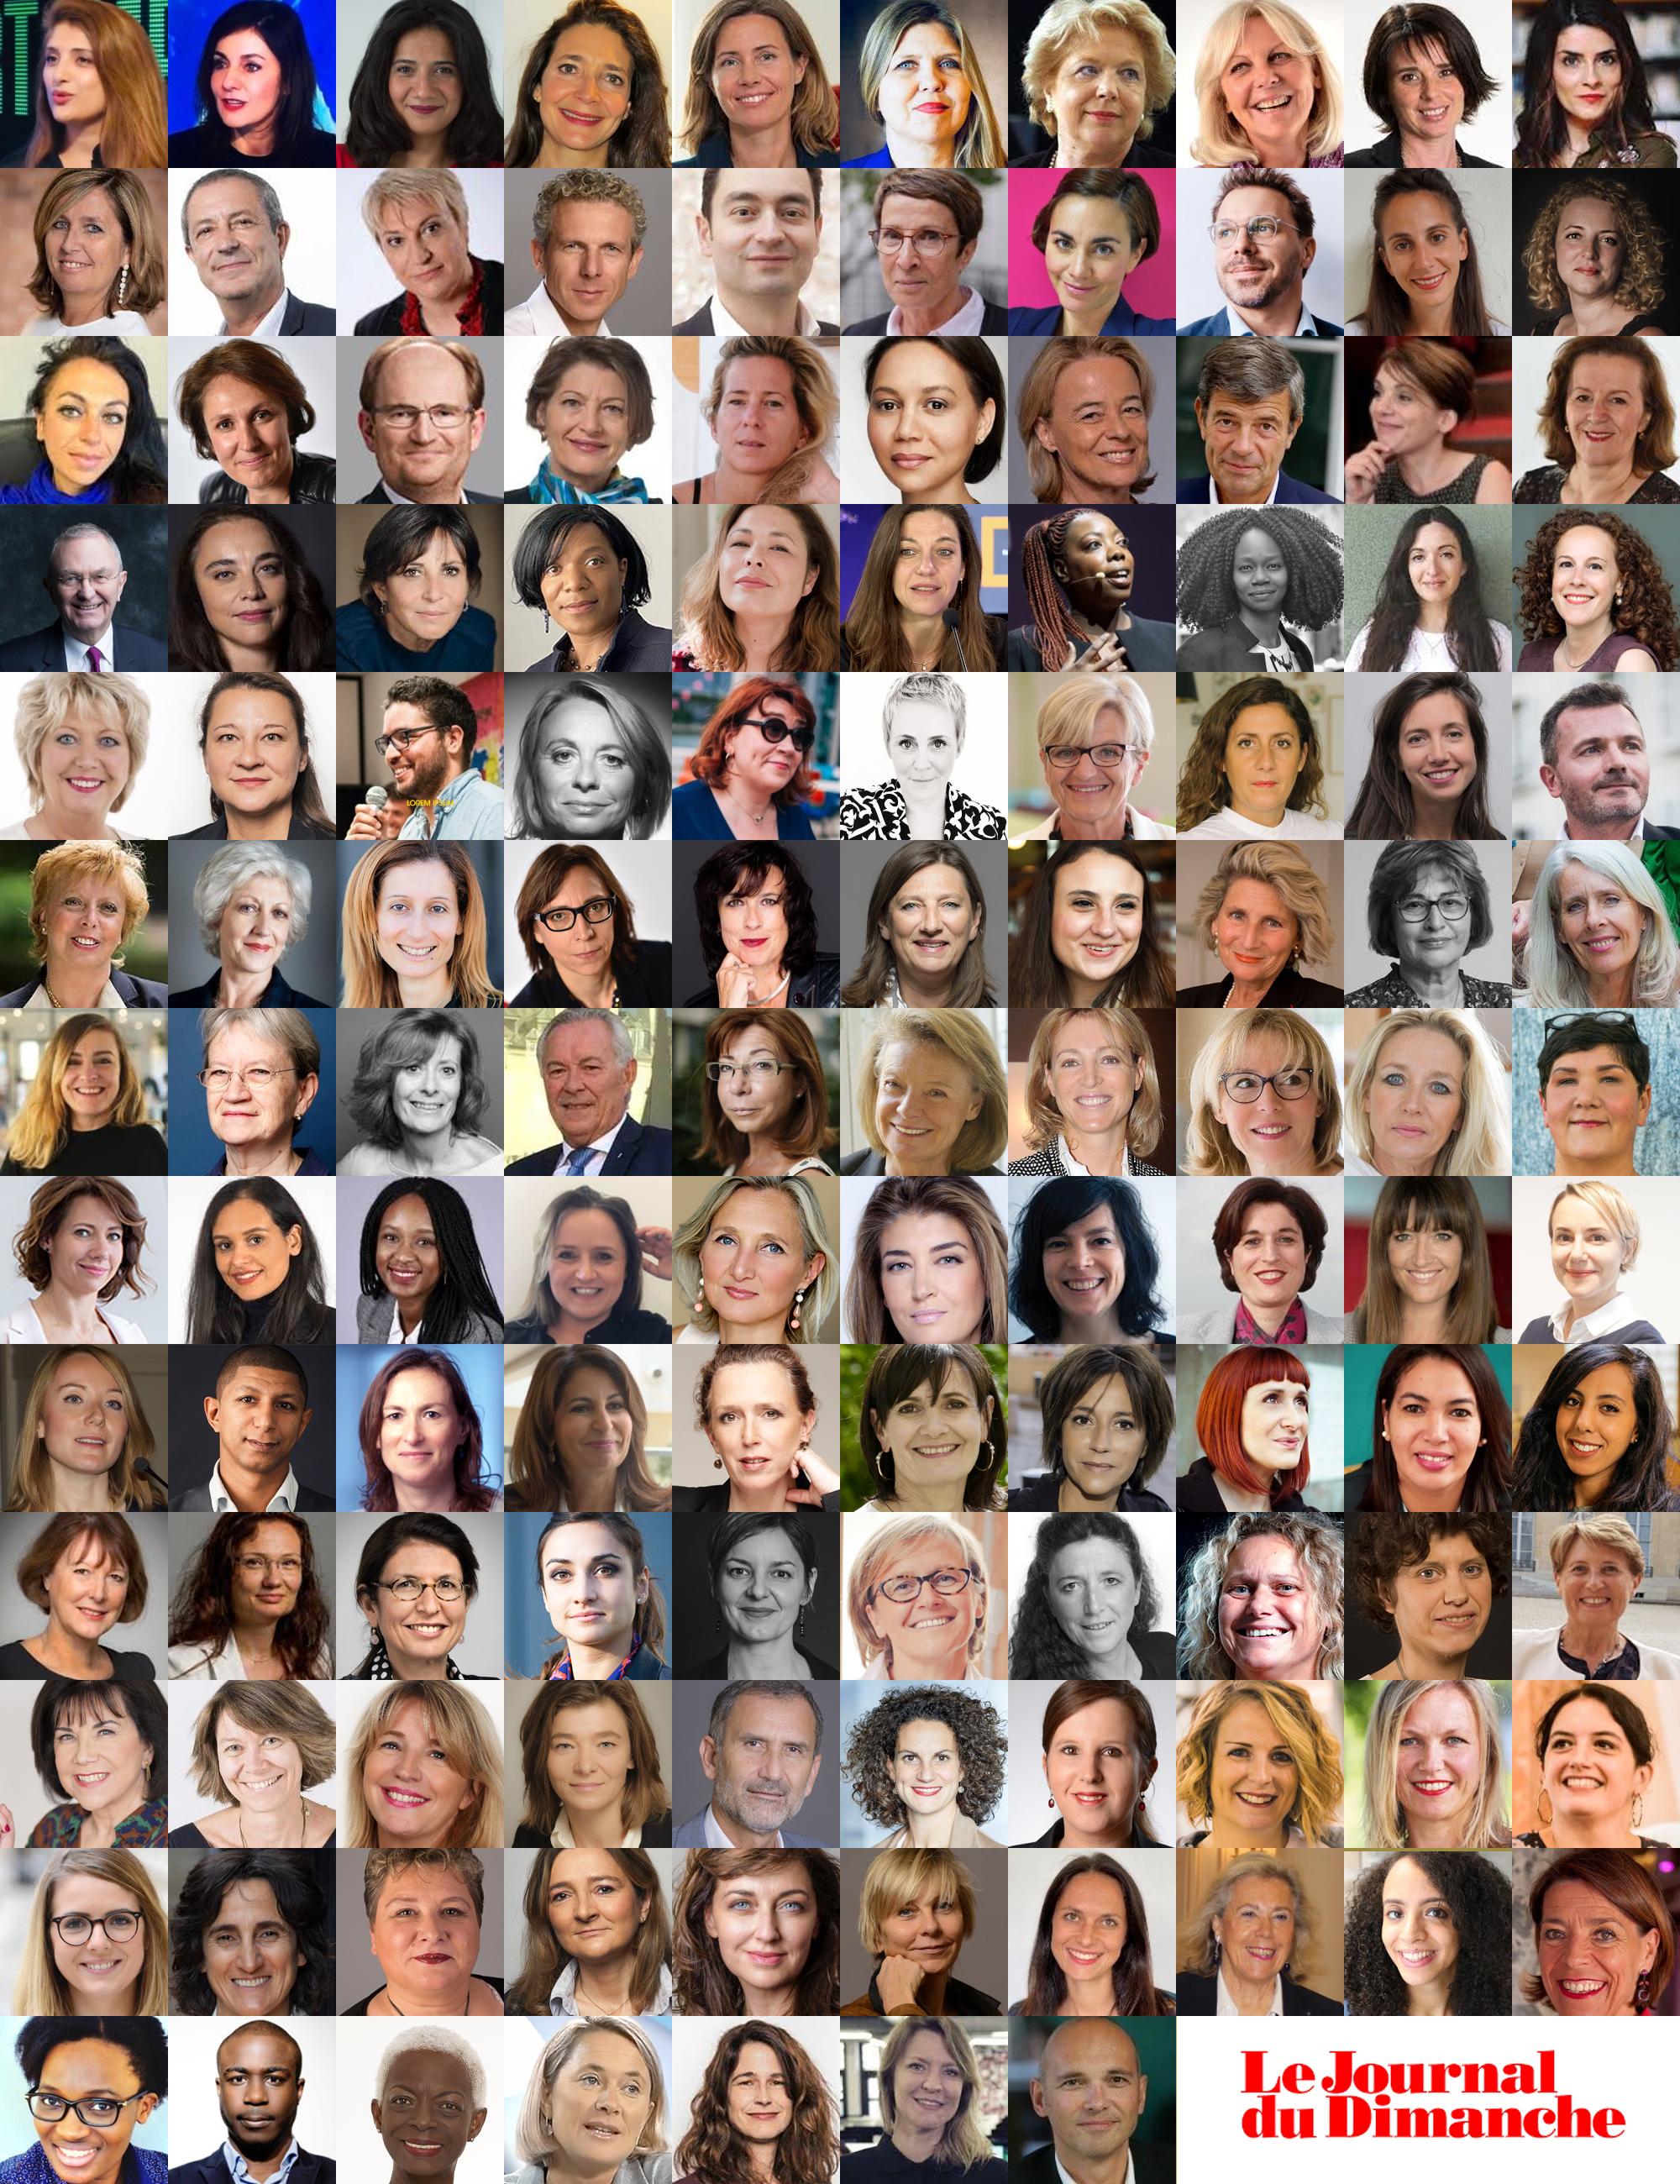 femmes, relance paritaire, parité